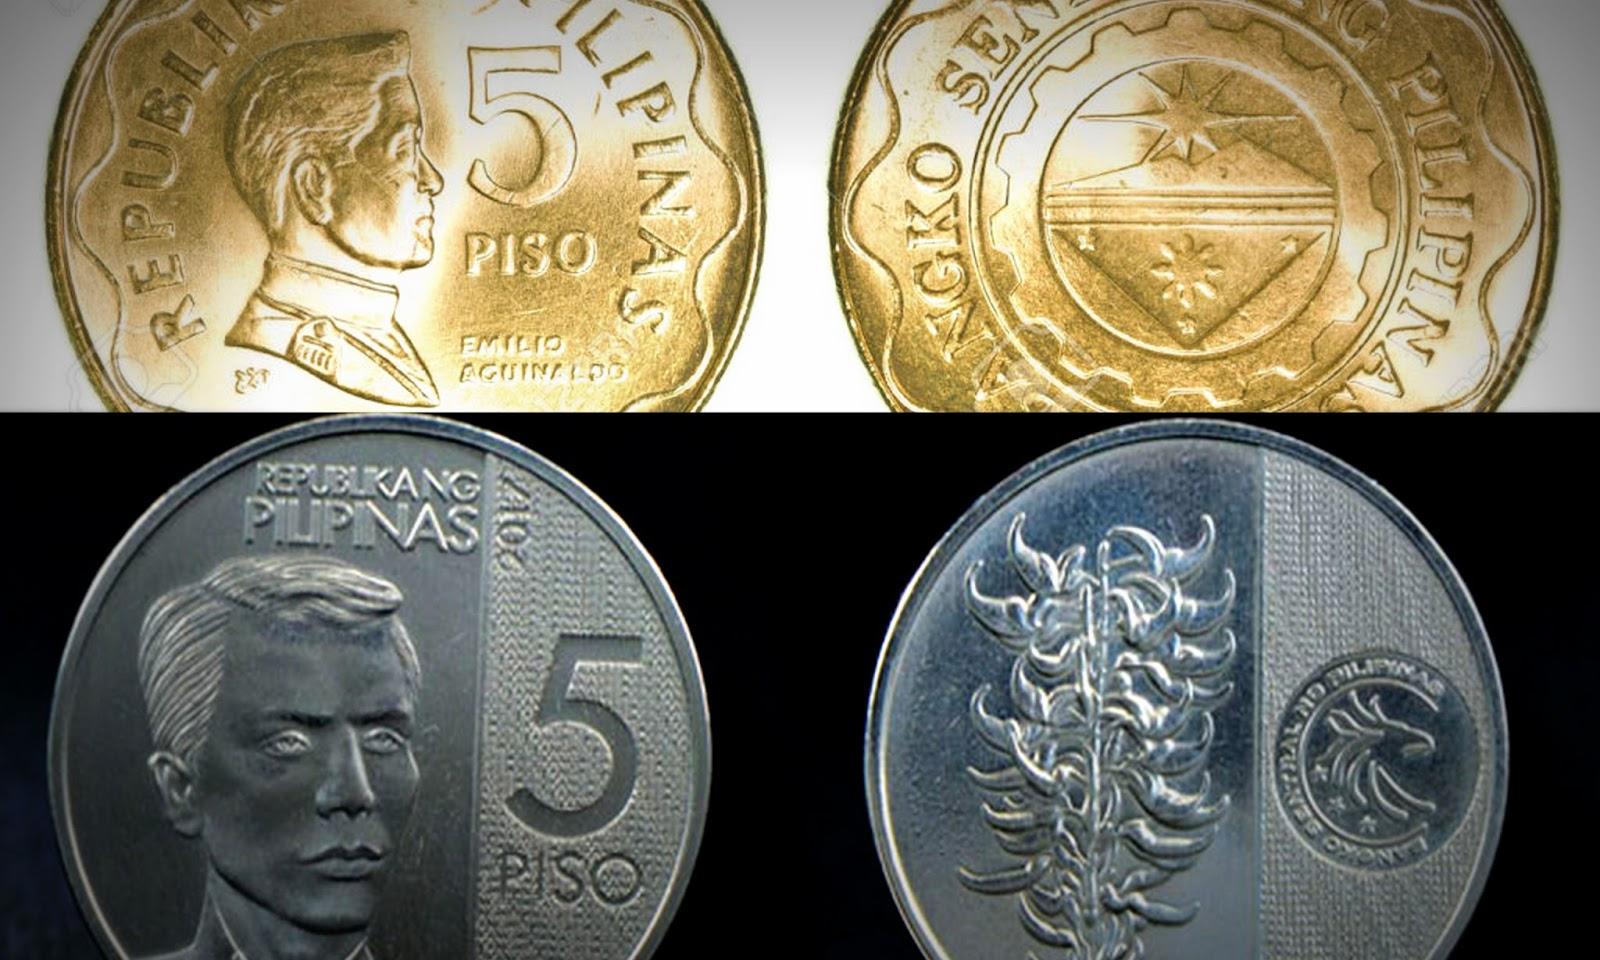 5 Philippine Peso Coin Denomination